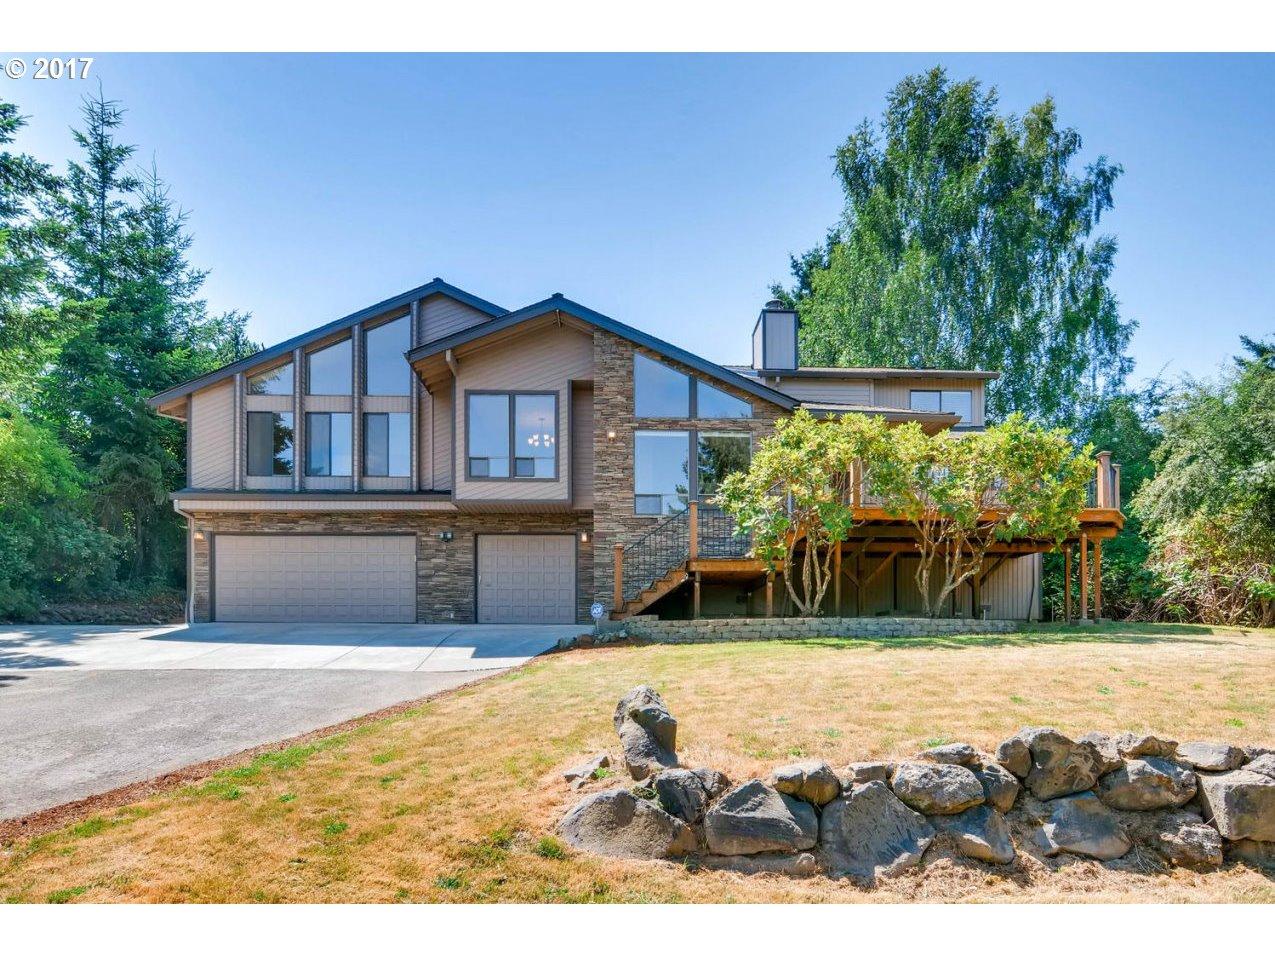 7695 SW MILLER HILL RD, Beaverton, OR 97007